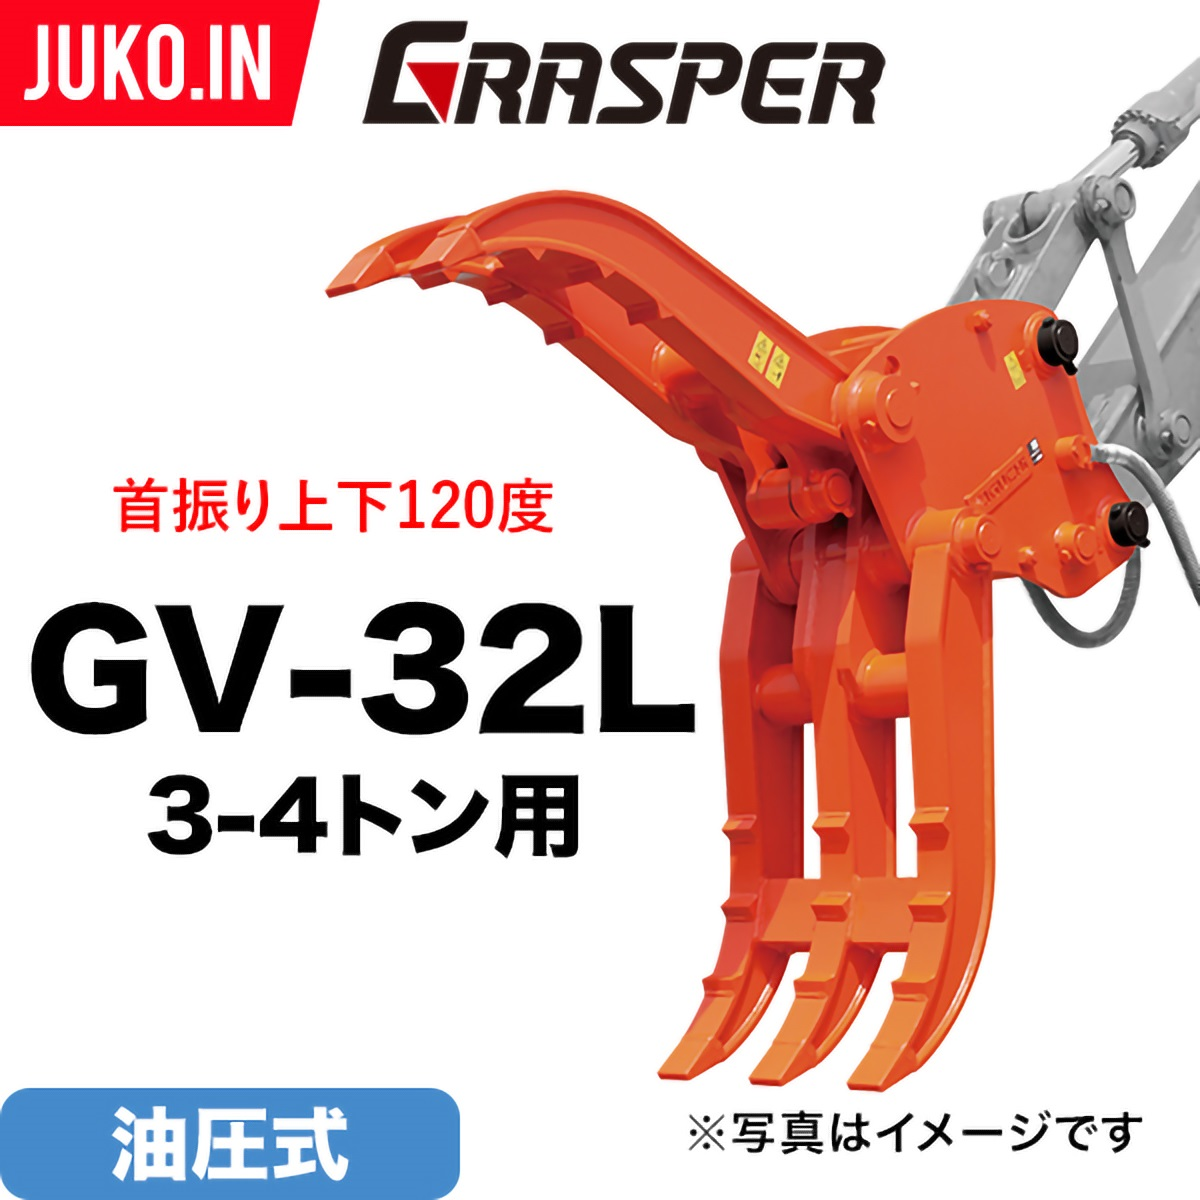 タグチ工業 グラスパーVL GV-30L 首振り つかみ フォーク 解体 アタッチメントのネット通販はJUKO.IN